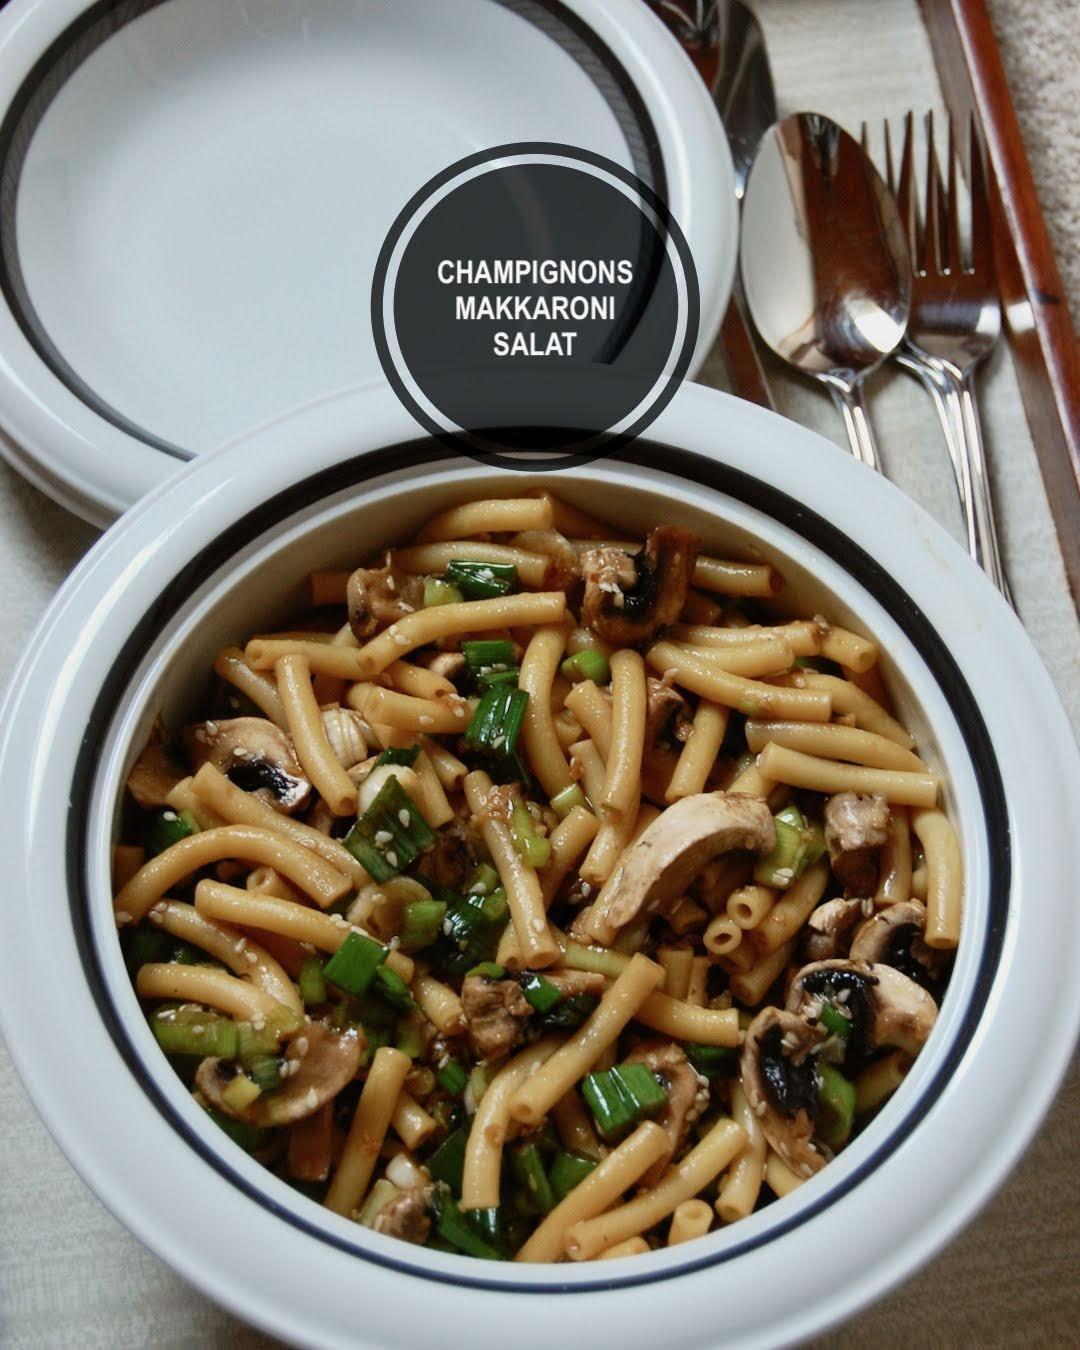 Asiatischer Champignons und Makkaroni Salat